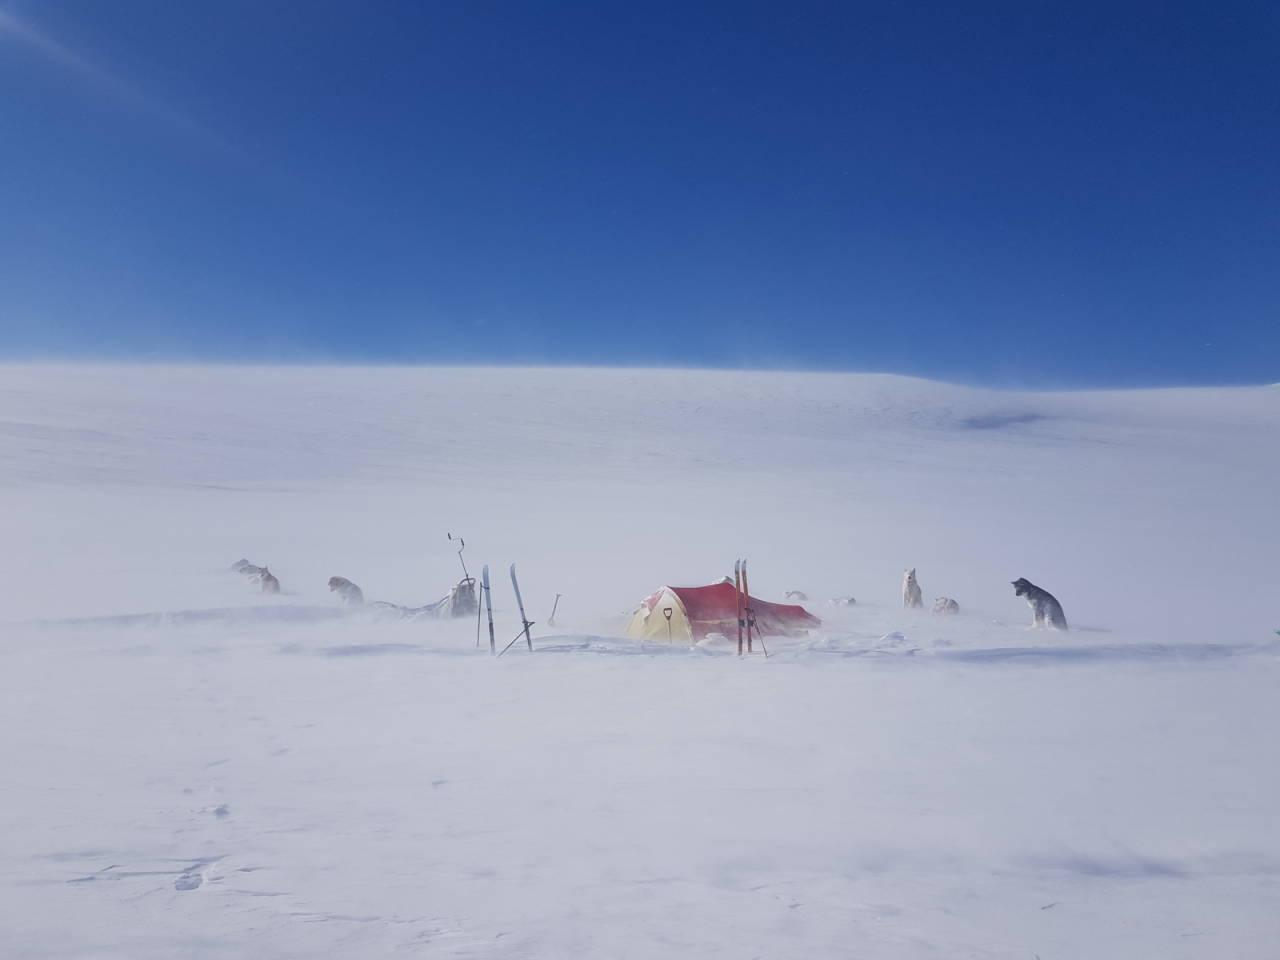 værfast i fjellet snøstorm Kjell Harald Myrseth hundekjøring